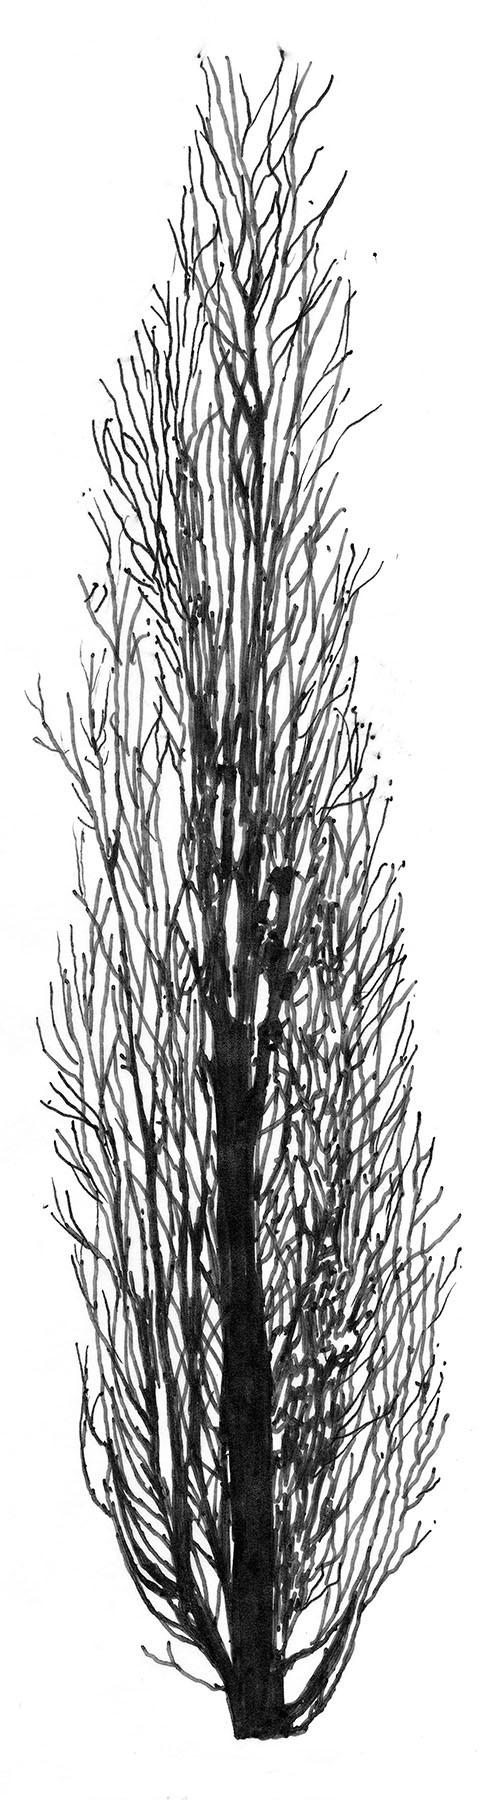 Figure 4. Leafless sketch of Columnar English Oak.